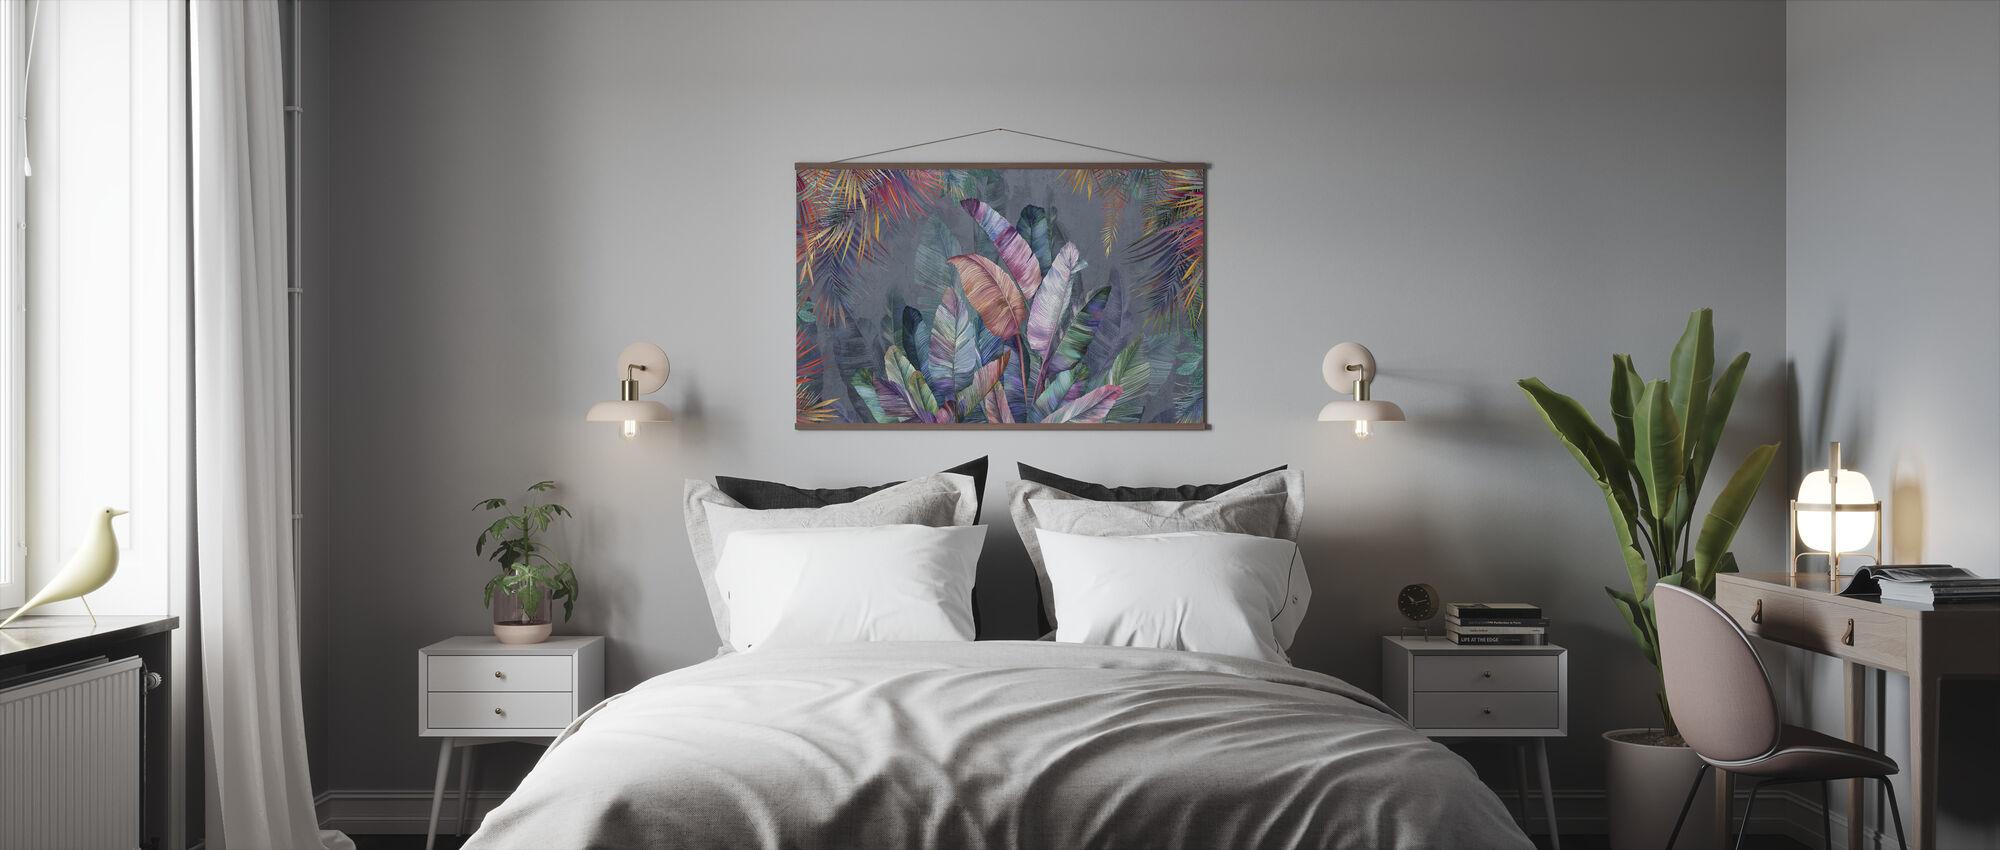 Potpourri Banana Leaves - Poster - Bedroom